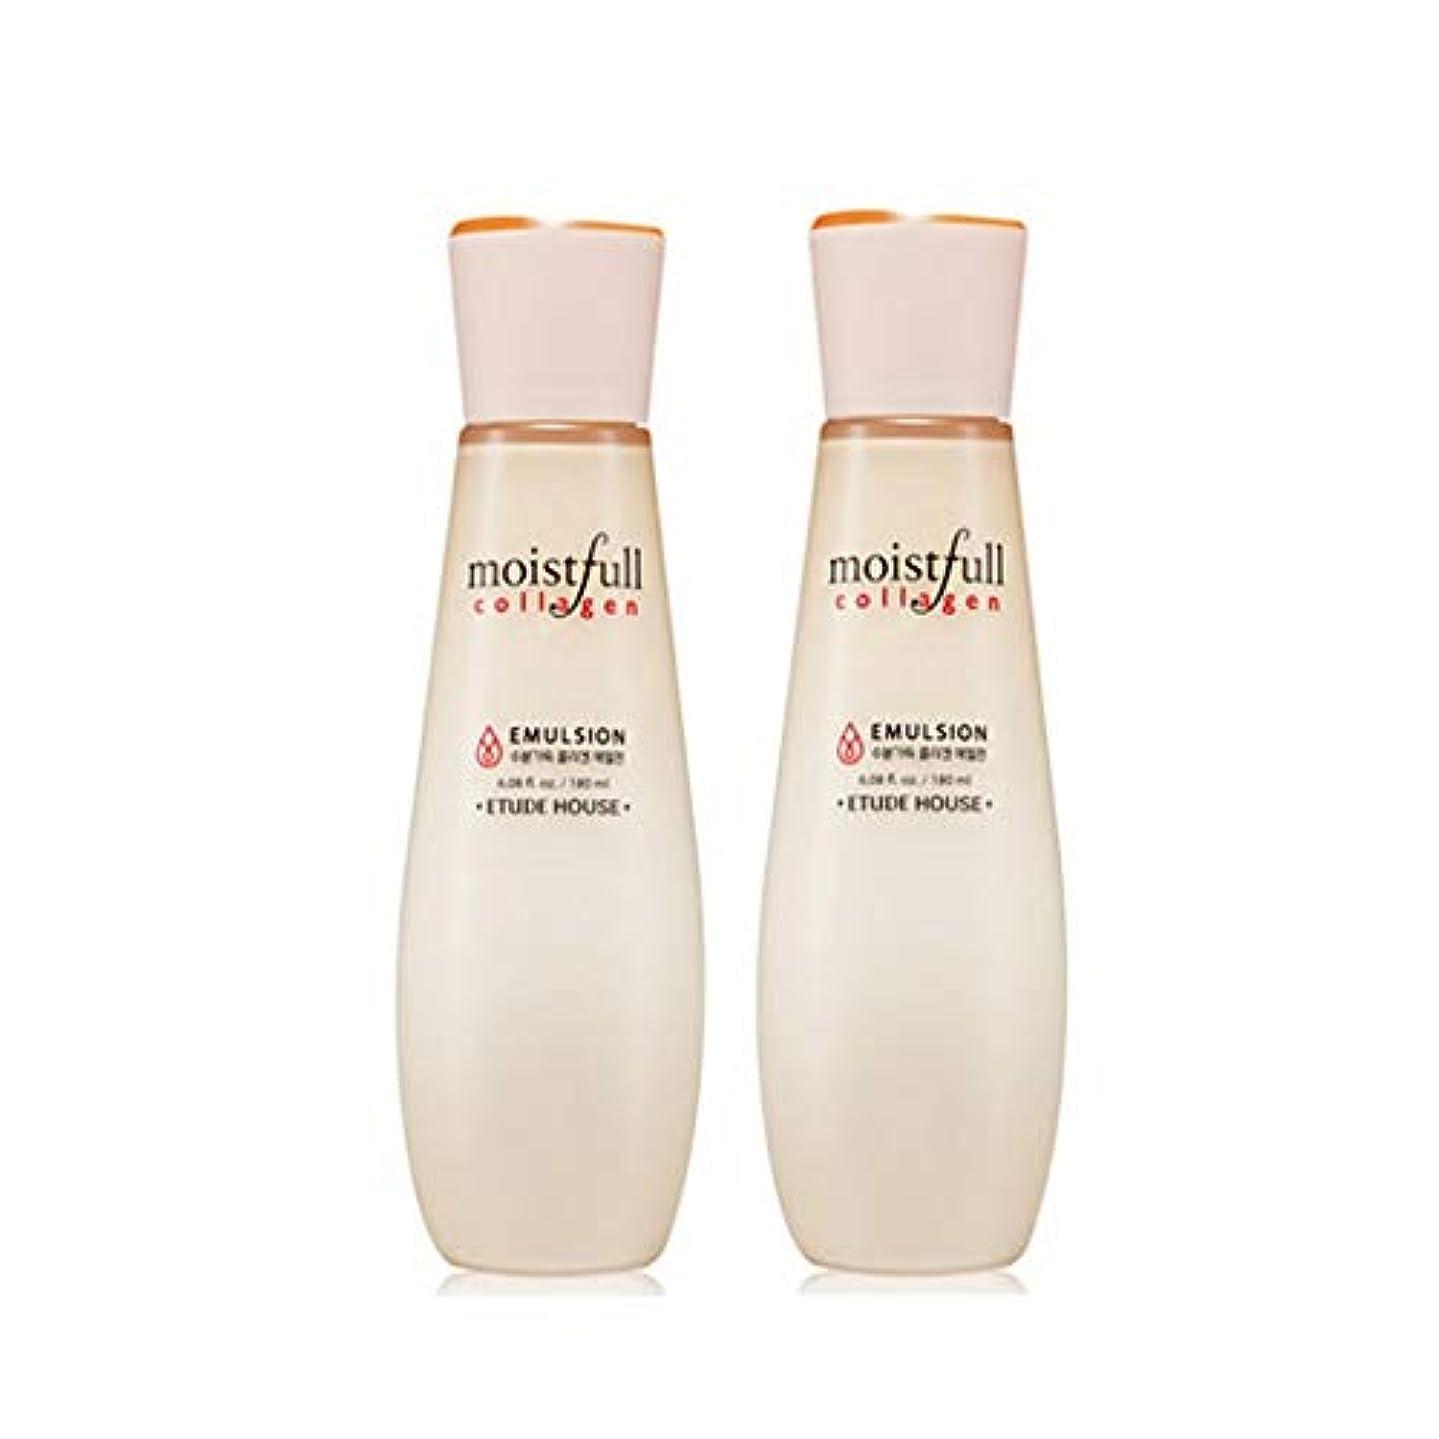 受信決済口述するエチュードハウス水分いっぱいコラーゲンエマルジョン180mlx2本セット韓国コスメ、Etude House Moistfull Collagen Emulsion 180ml x 2ea Set Korean Cosmetics...